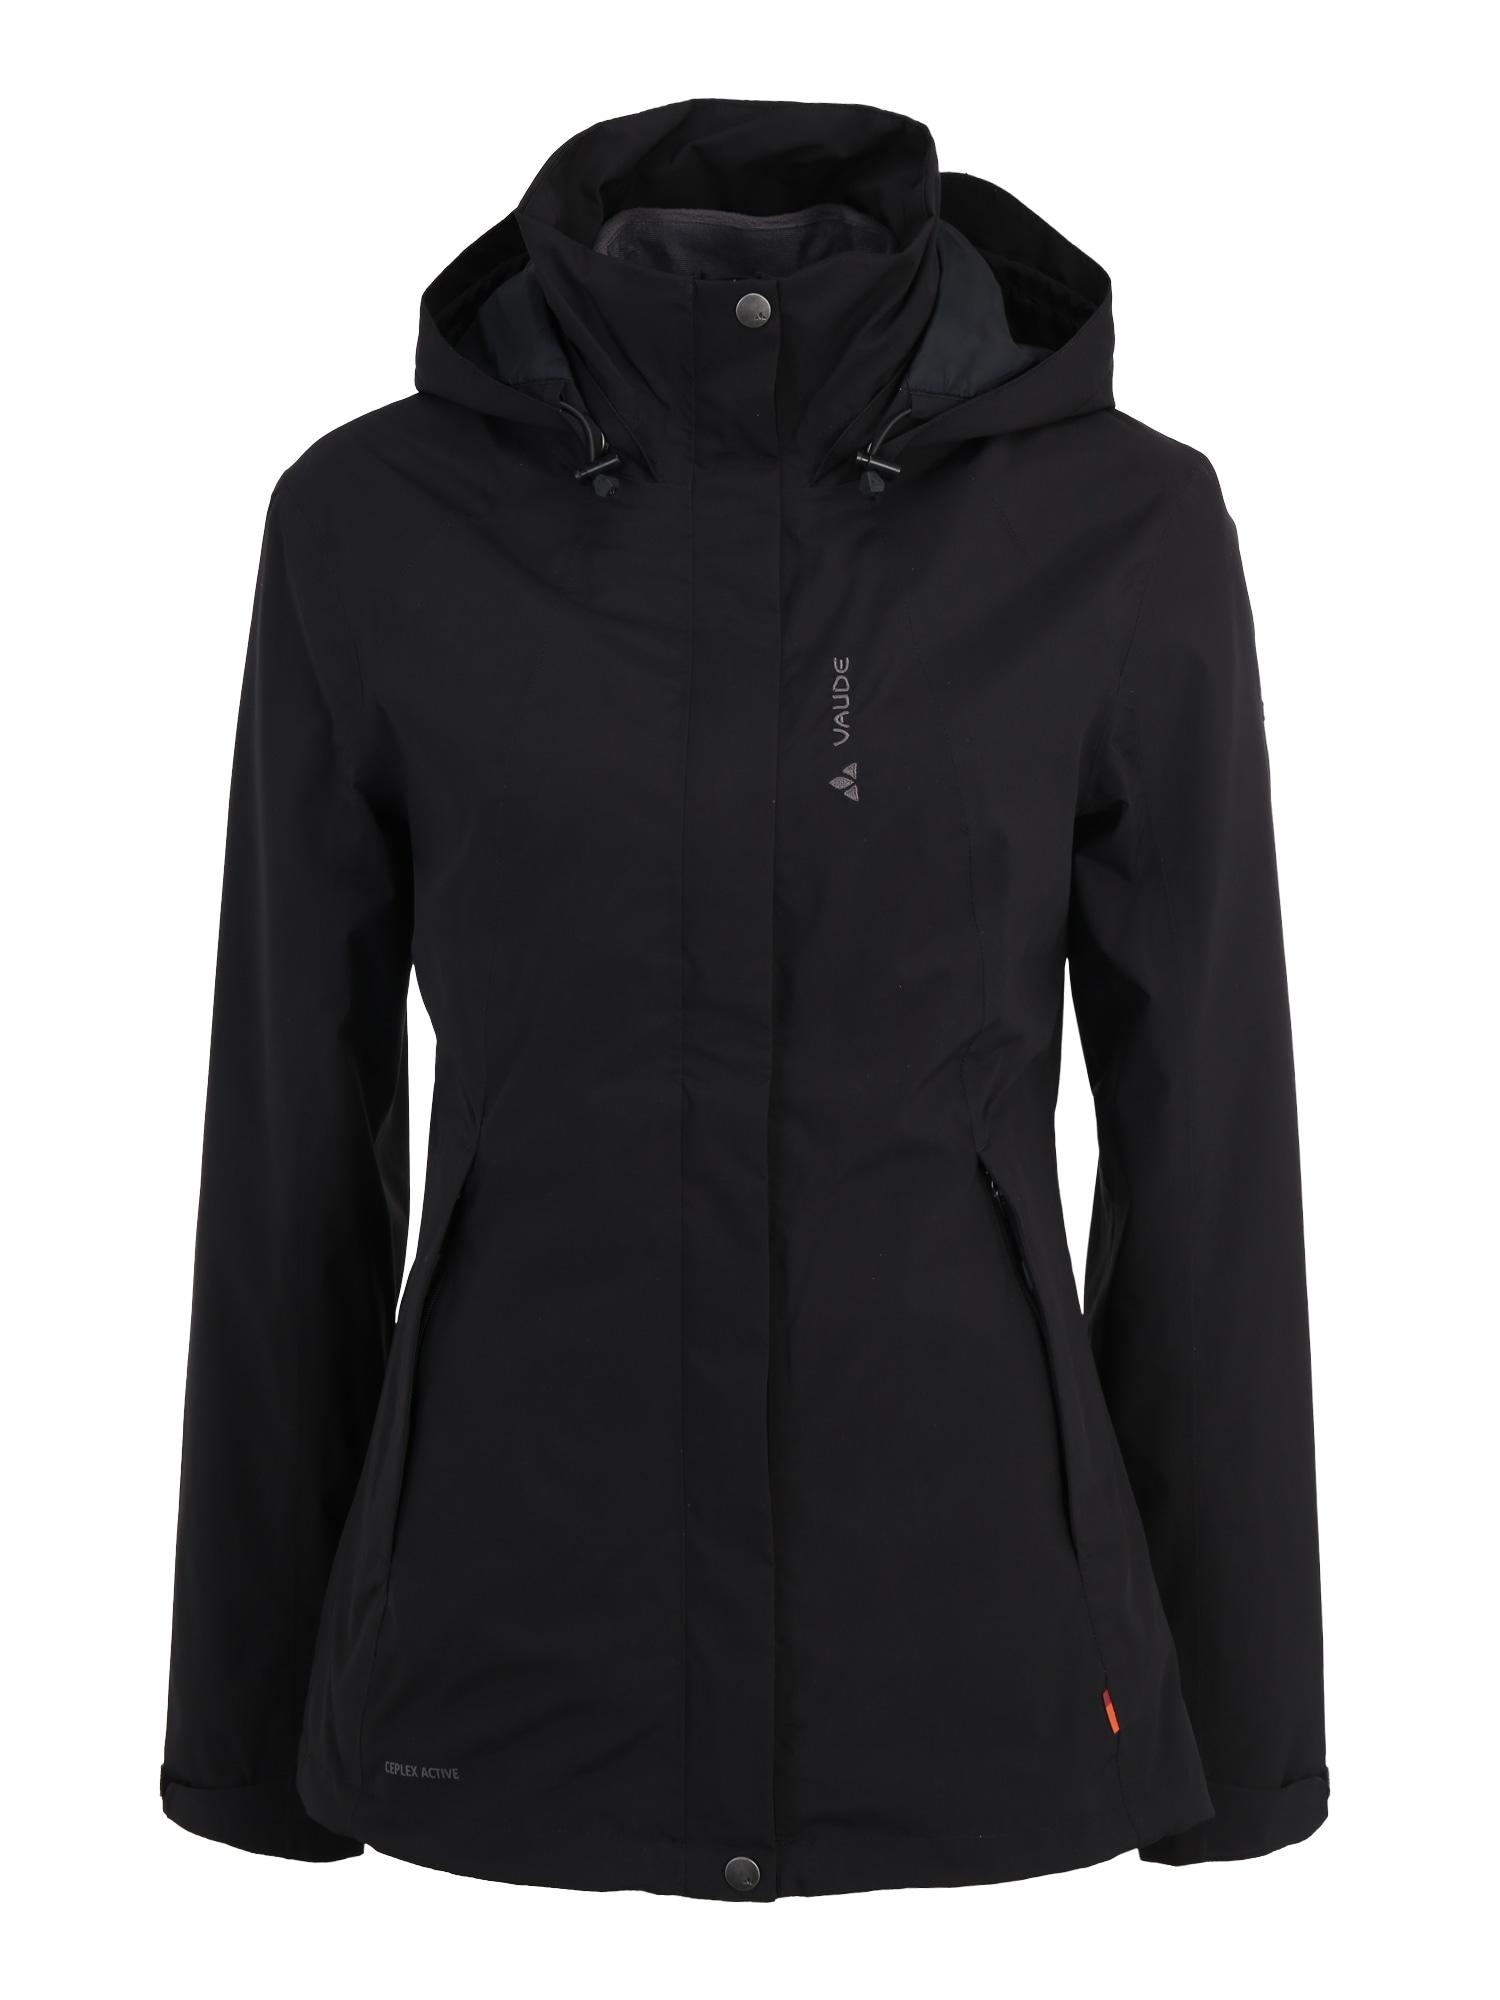 Outdoorová bunda Kintail černá VAUDE